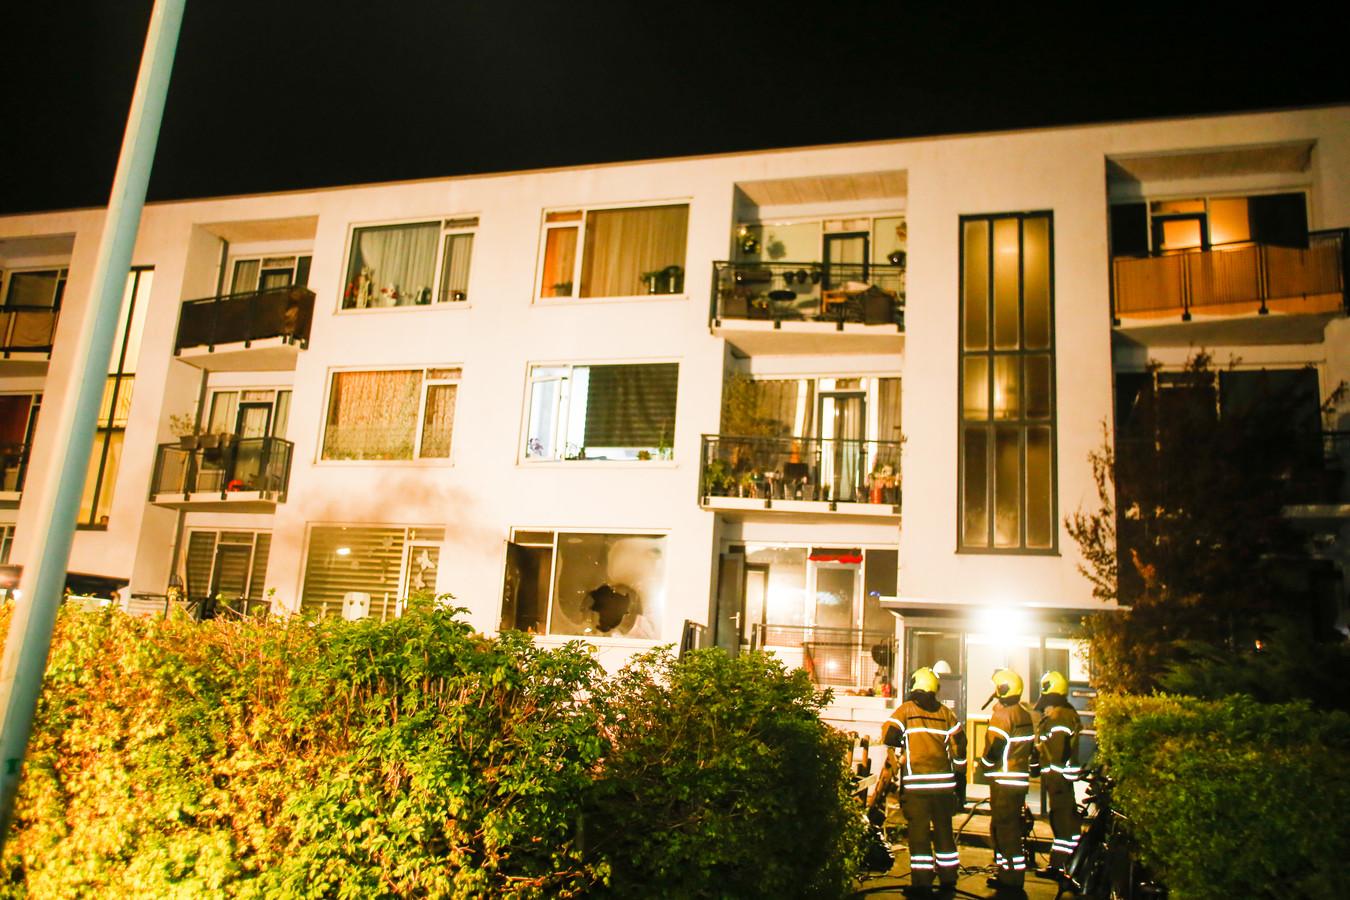 De brandweer kwam ter plaatse voor een brand in de Willem Barentszstraat in Dordrecht.